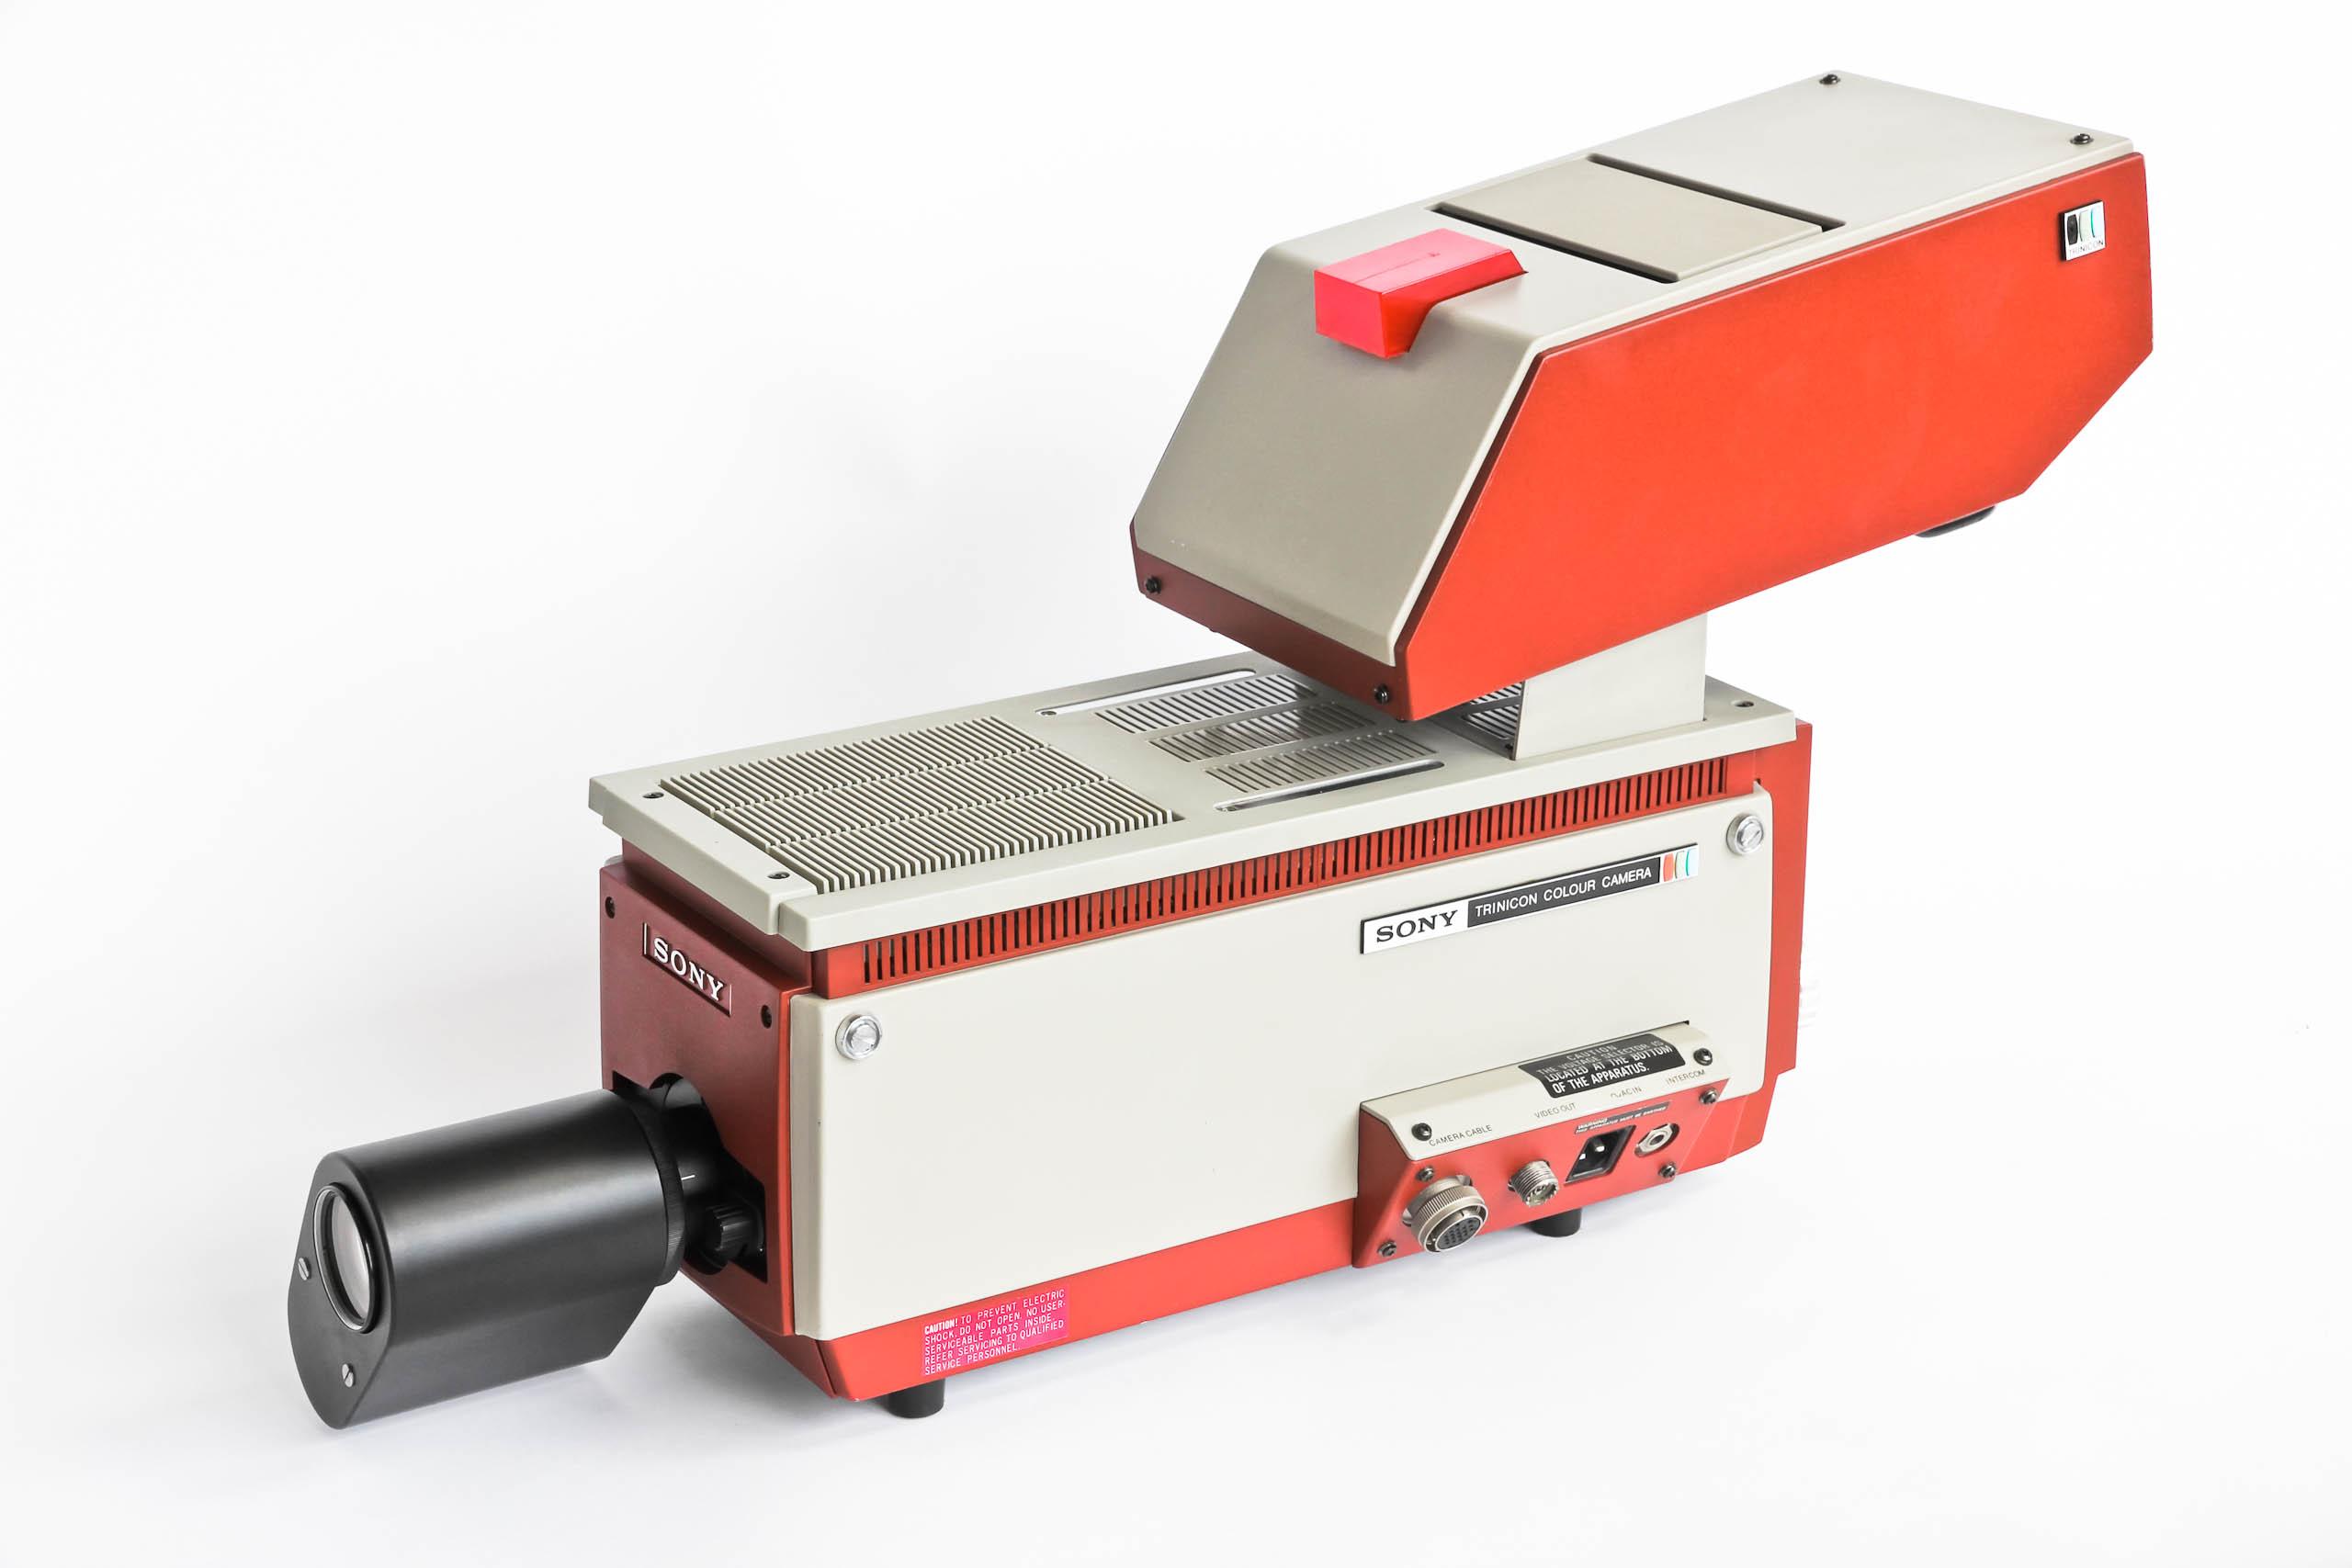 Sony DXC-1200P (11 von 14)